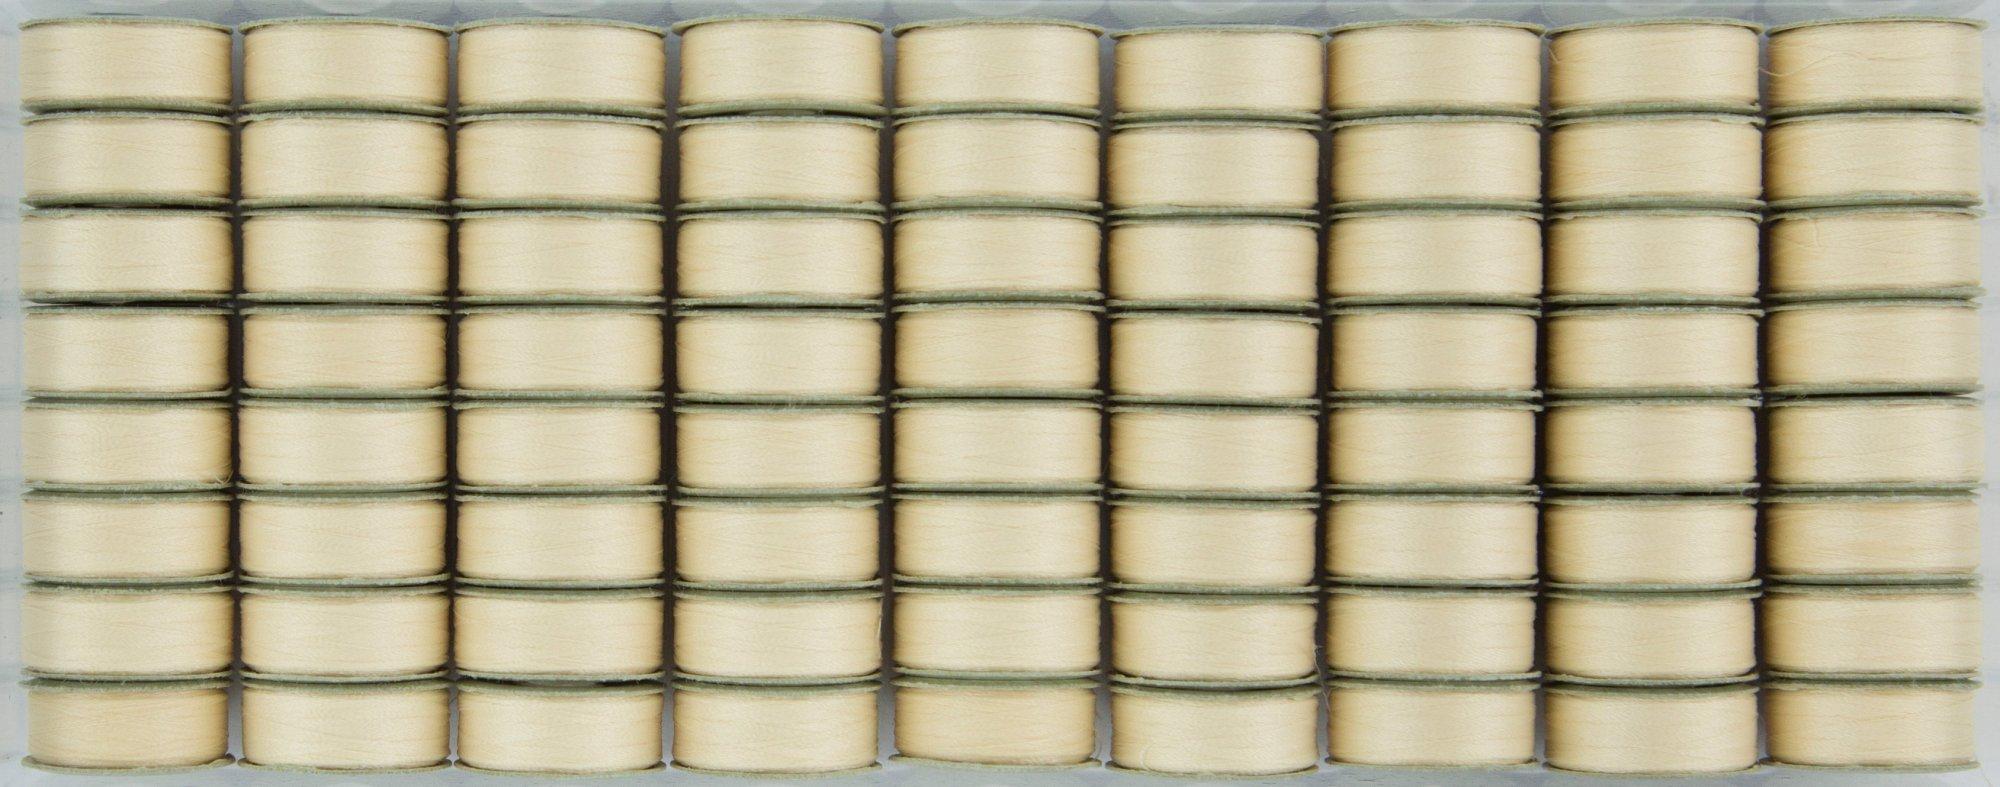 Bobbin L Style Prewound Superbobs Cream 72ct